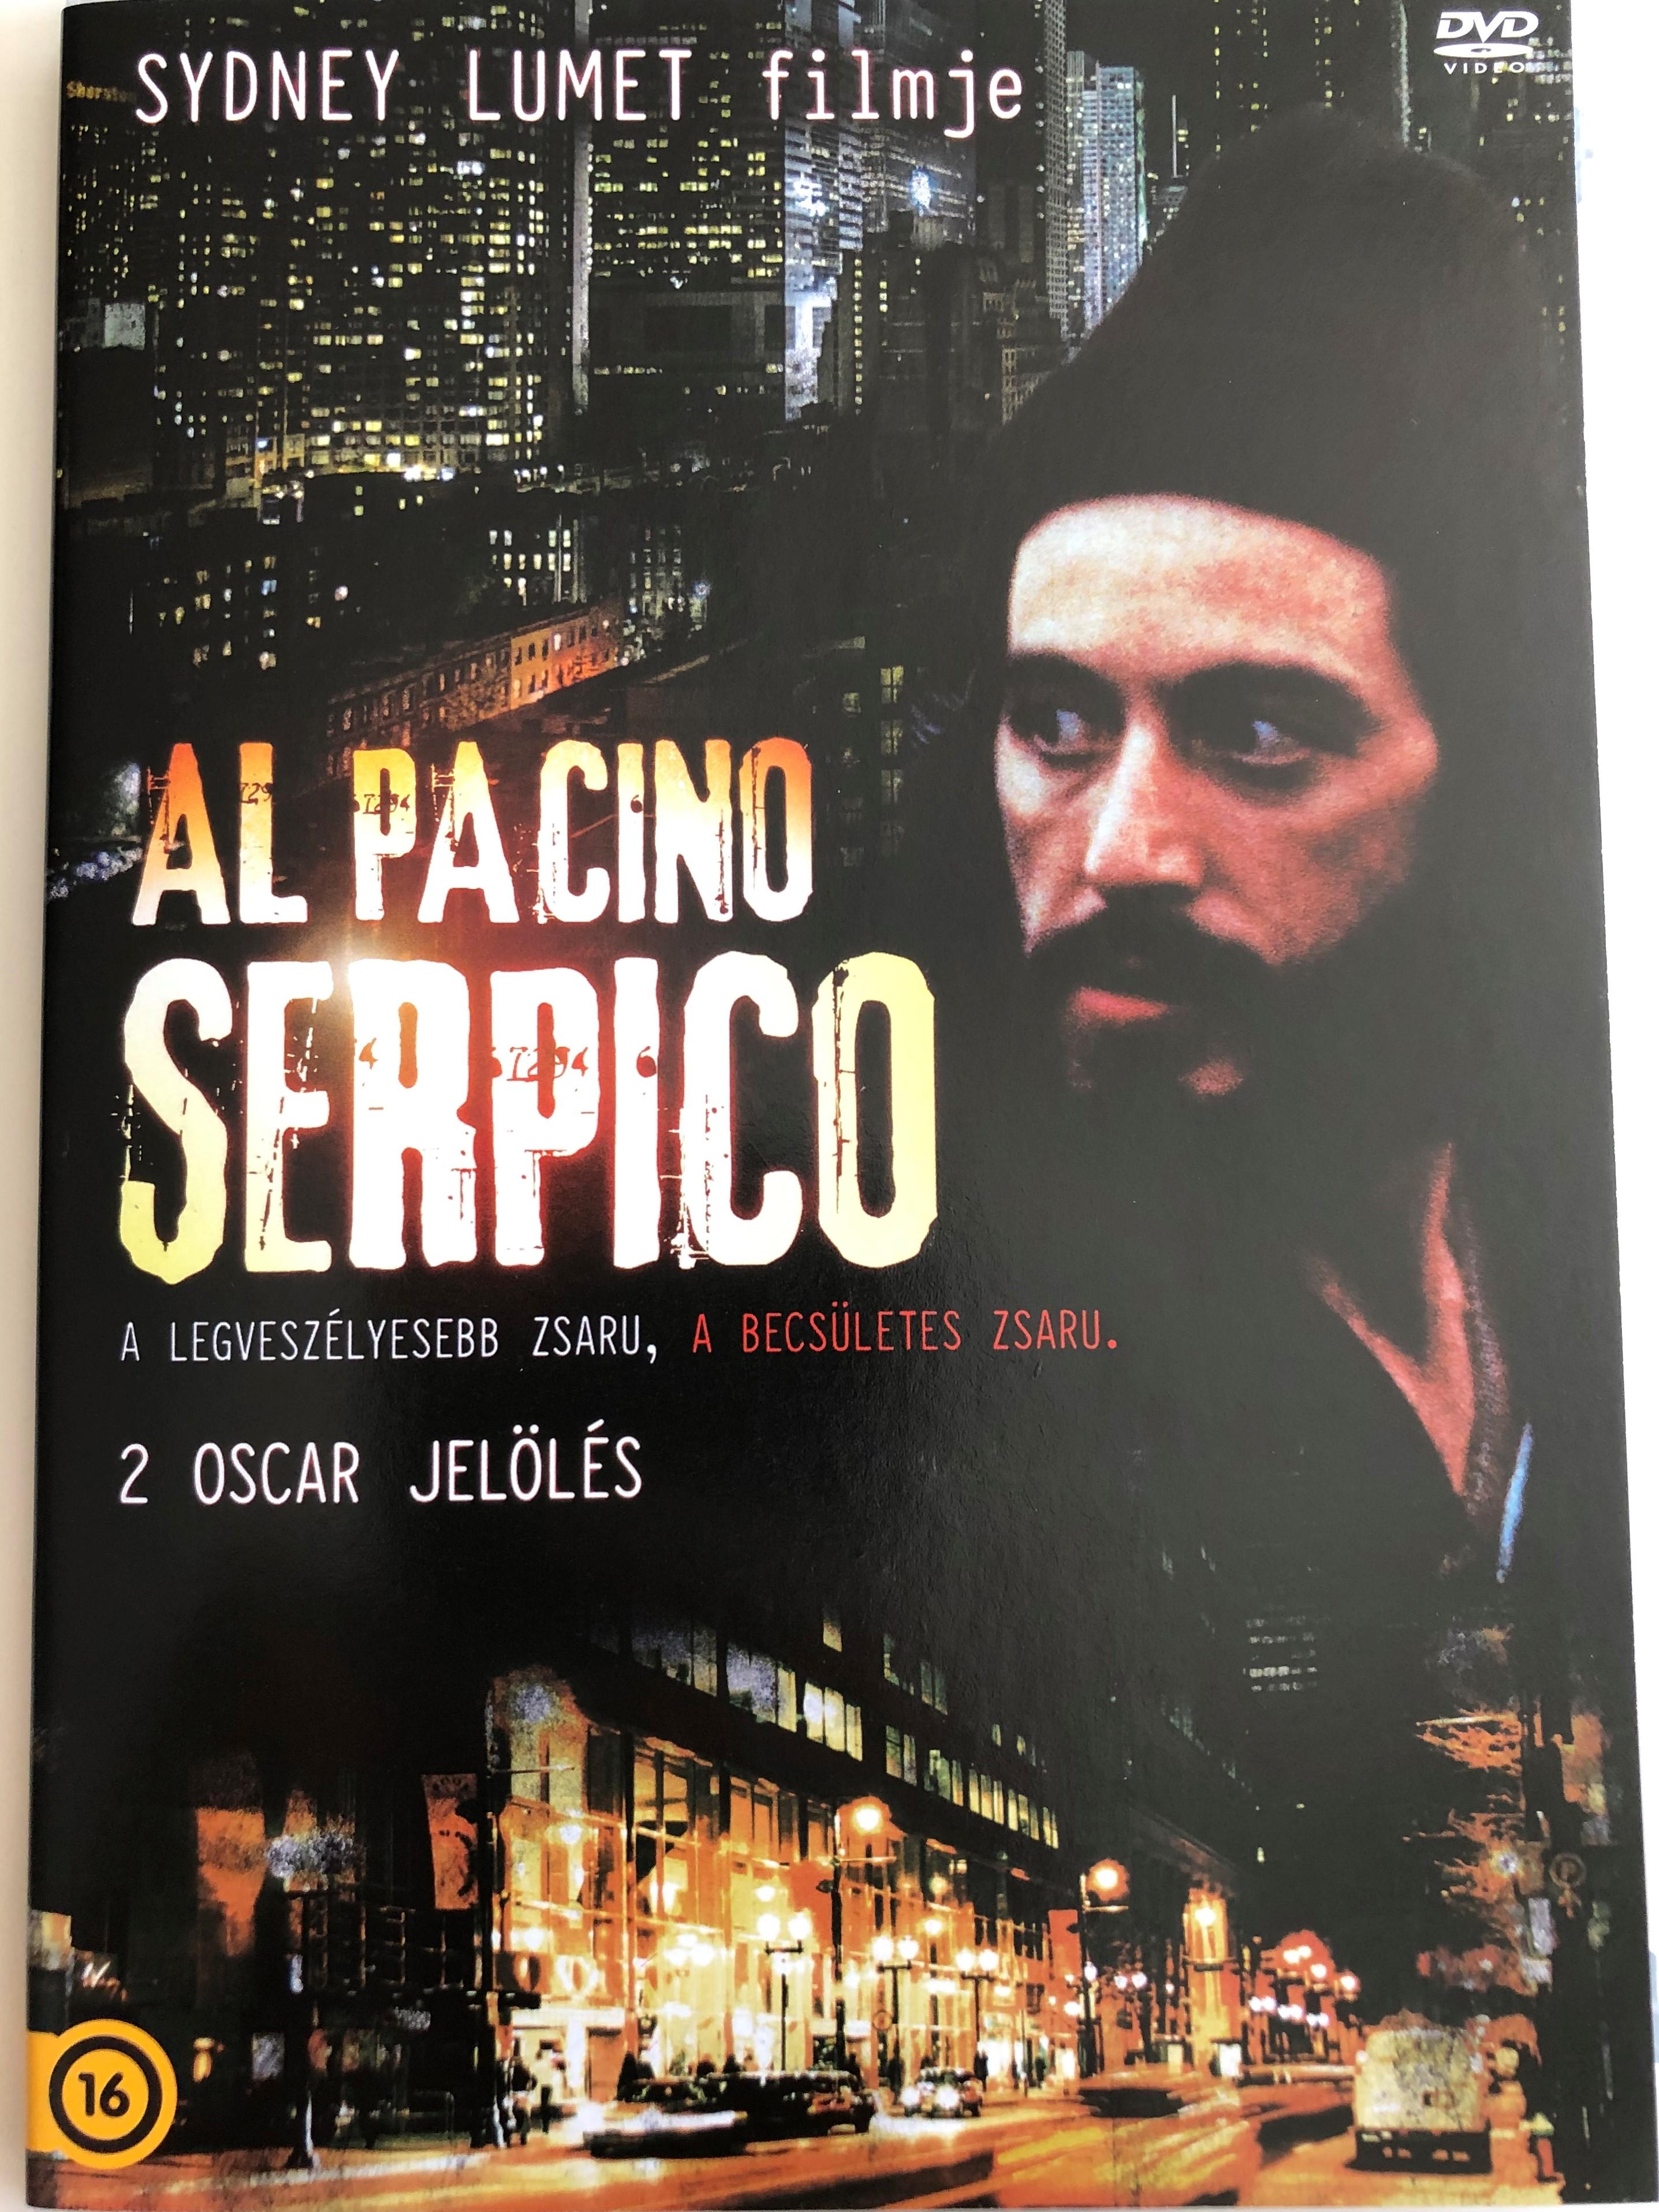 serpico-dvd-1973-directed-by-sidney-lumet-starring-al-pacino-john-randolph-jack-kehoe-biff-mcguire-barbara-eda-young-1-.jpg